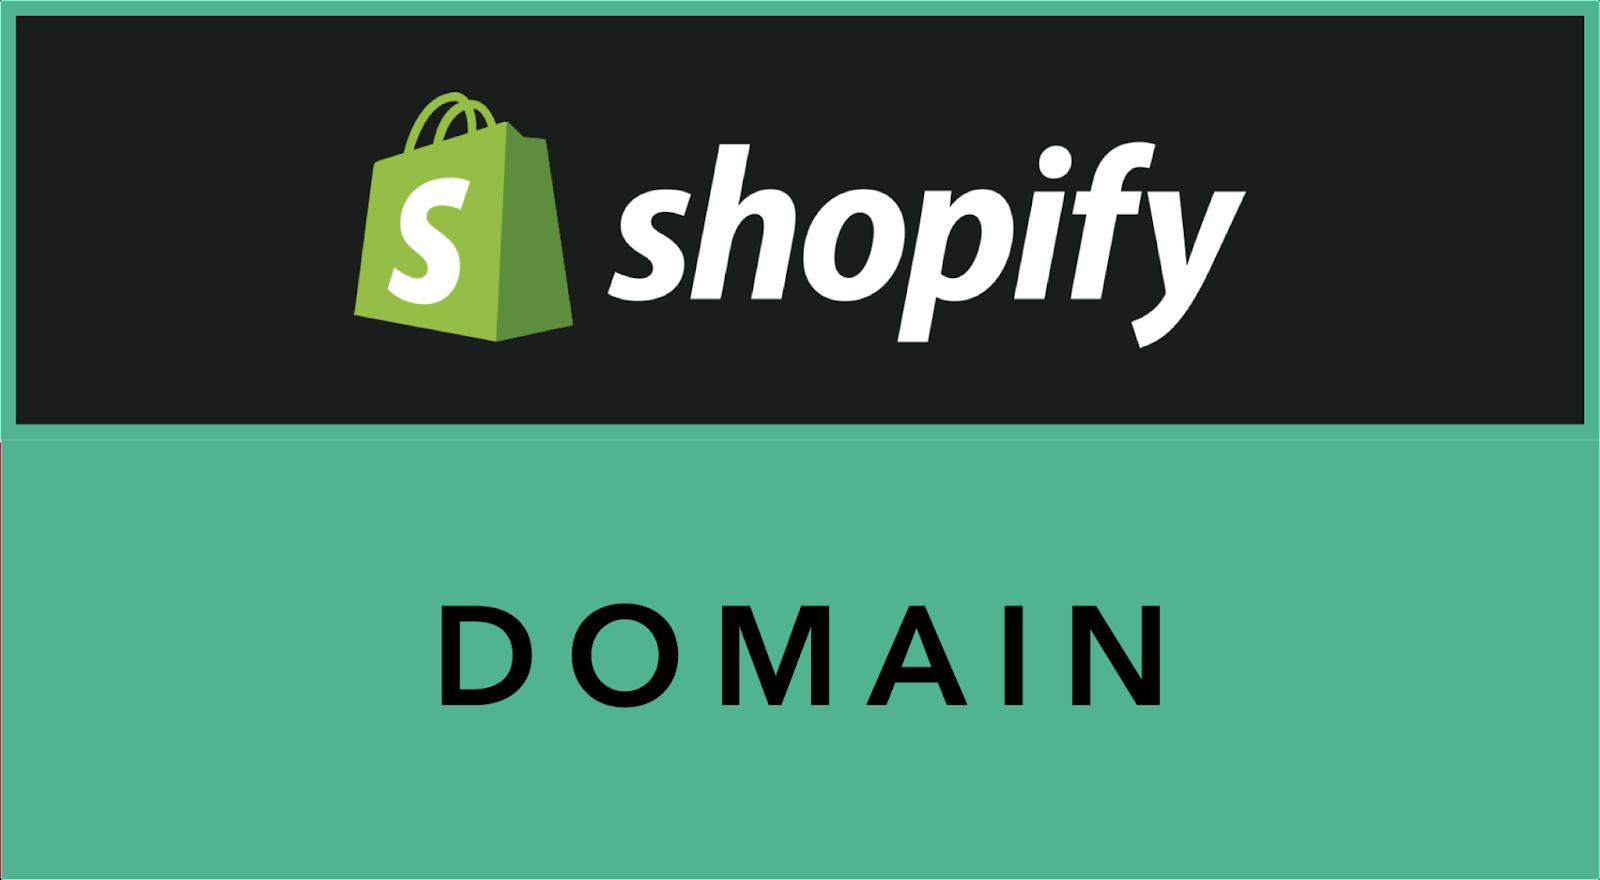 Shopify domain